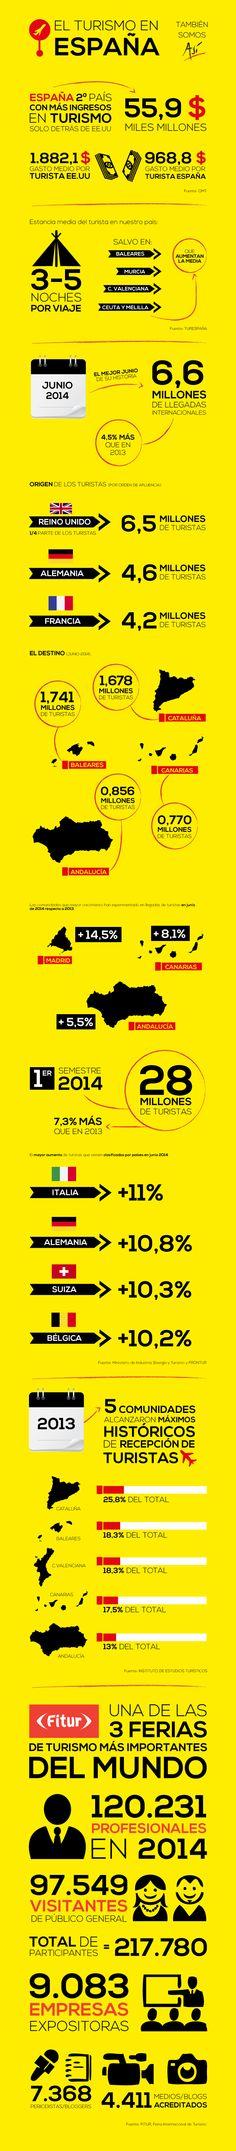 España consigue máximos históricos en #turismo en 2014